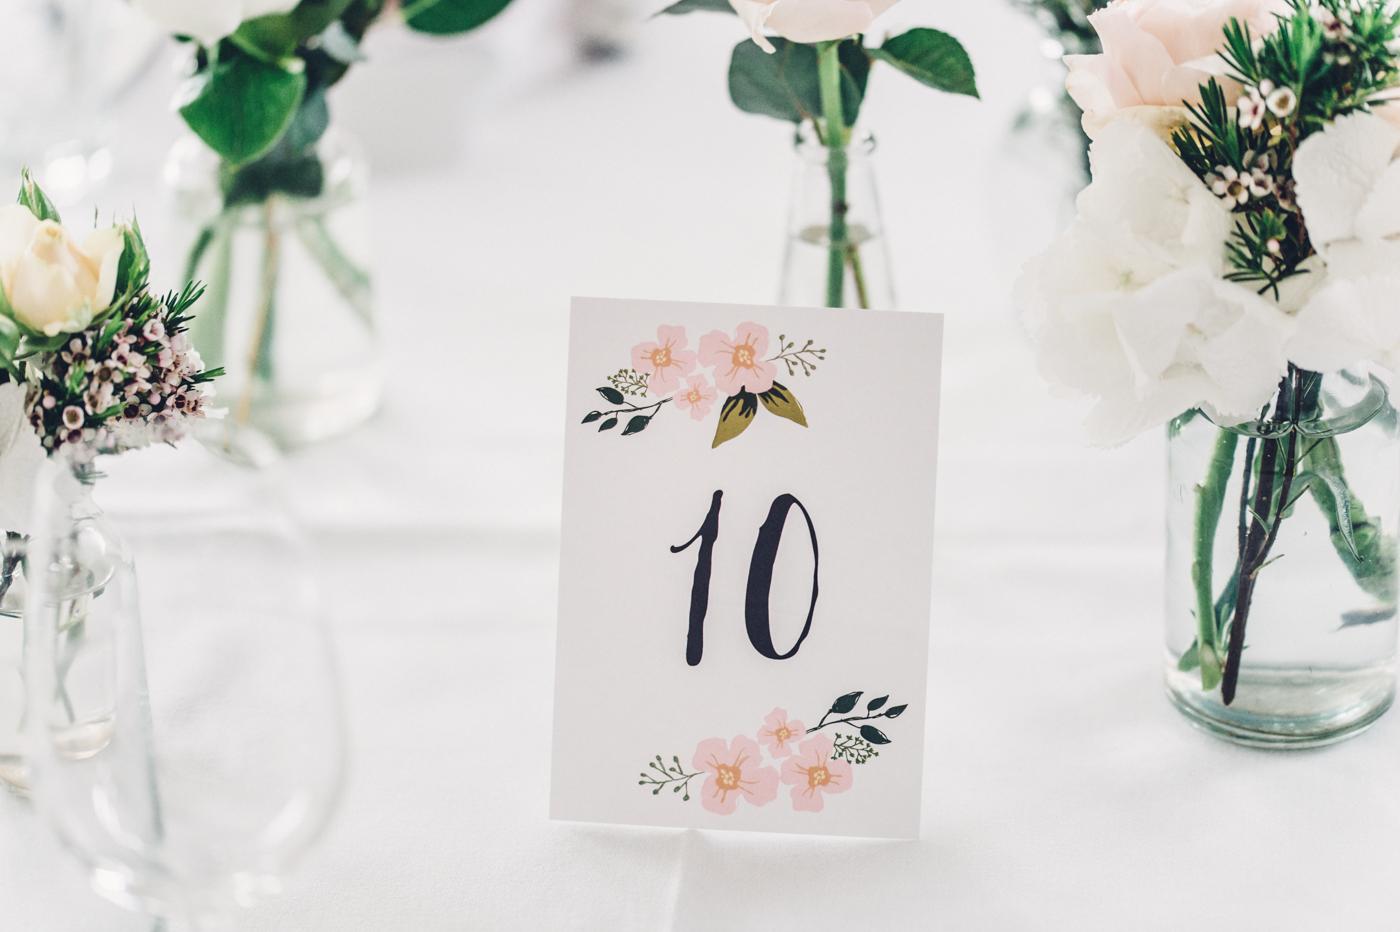 diy-wedding-nothenhof--42